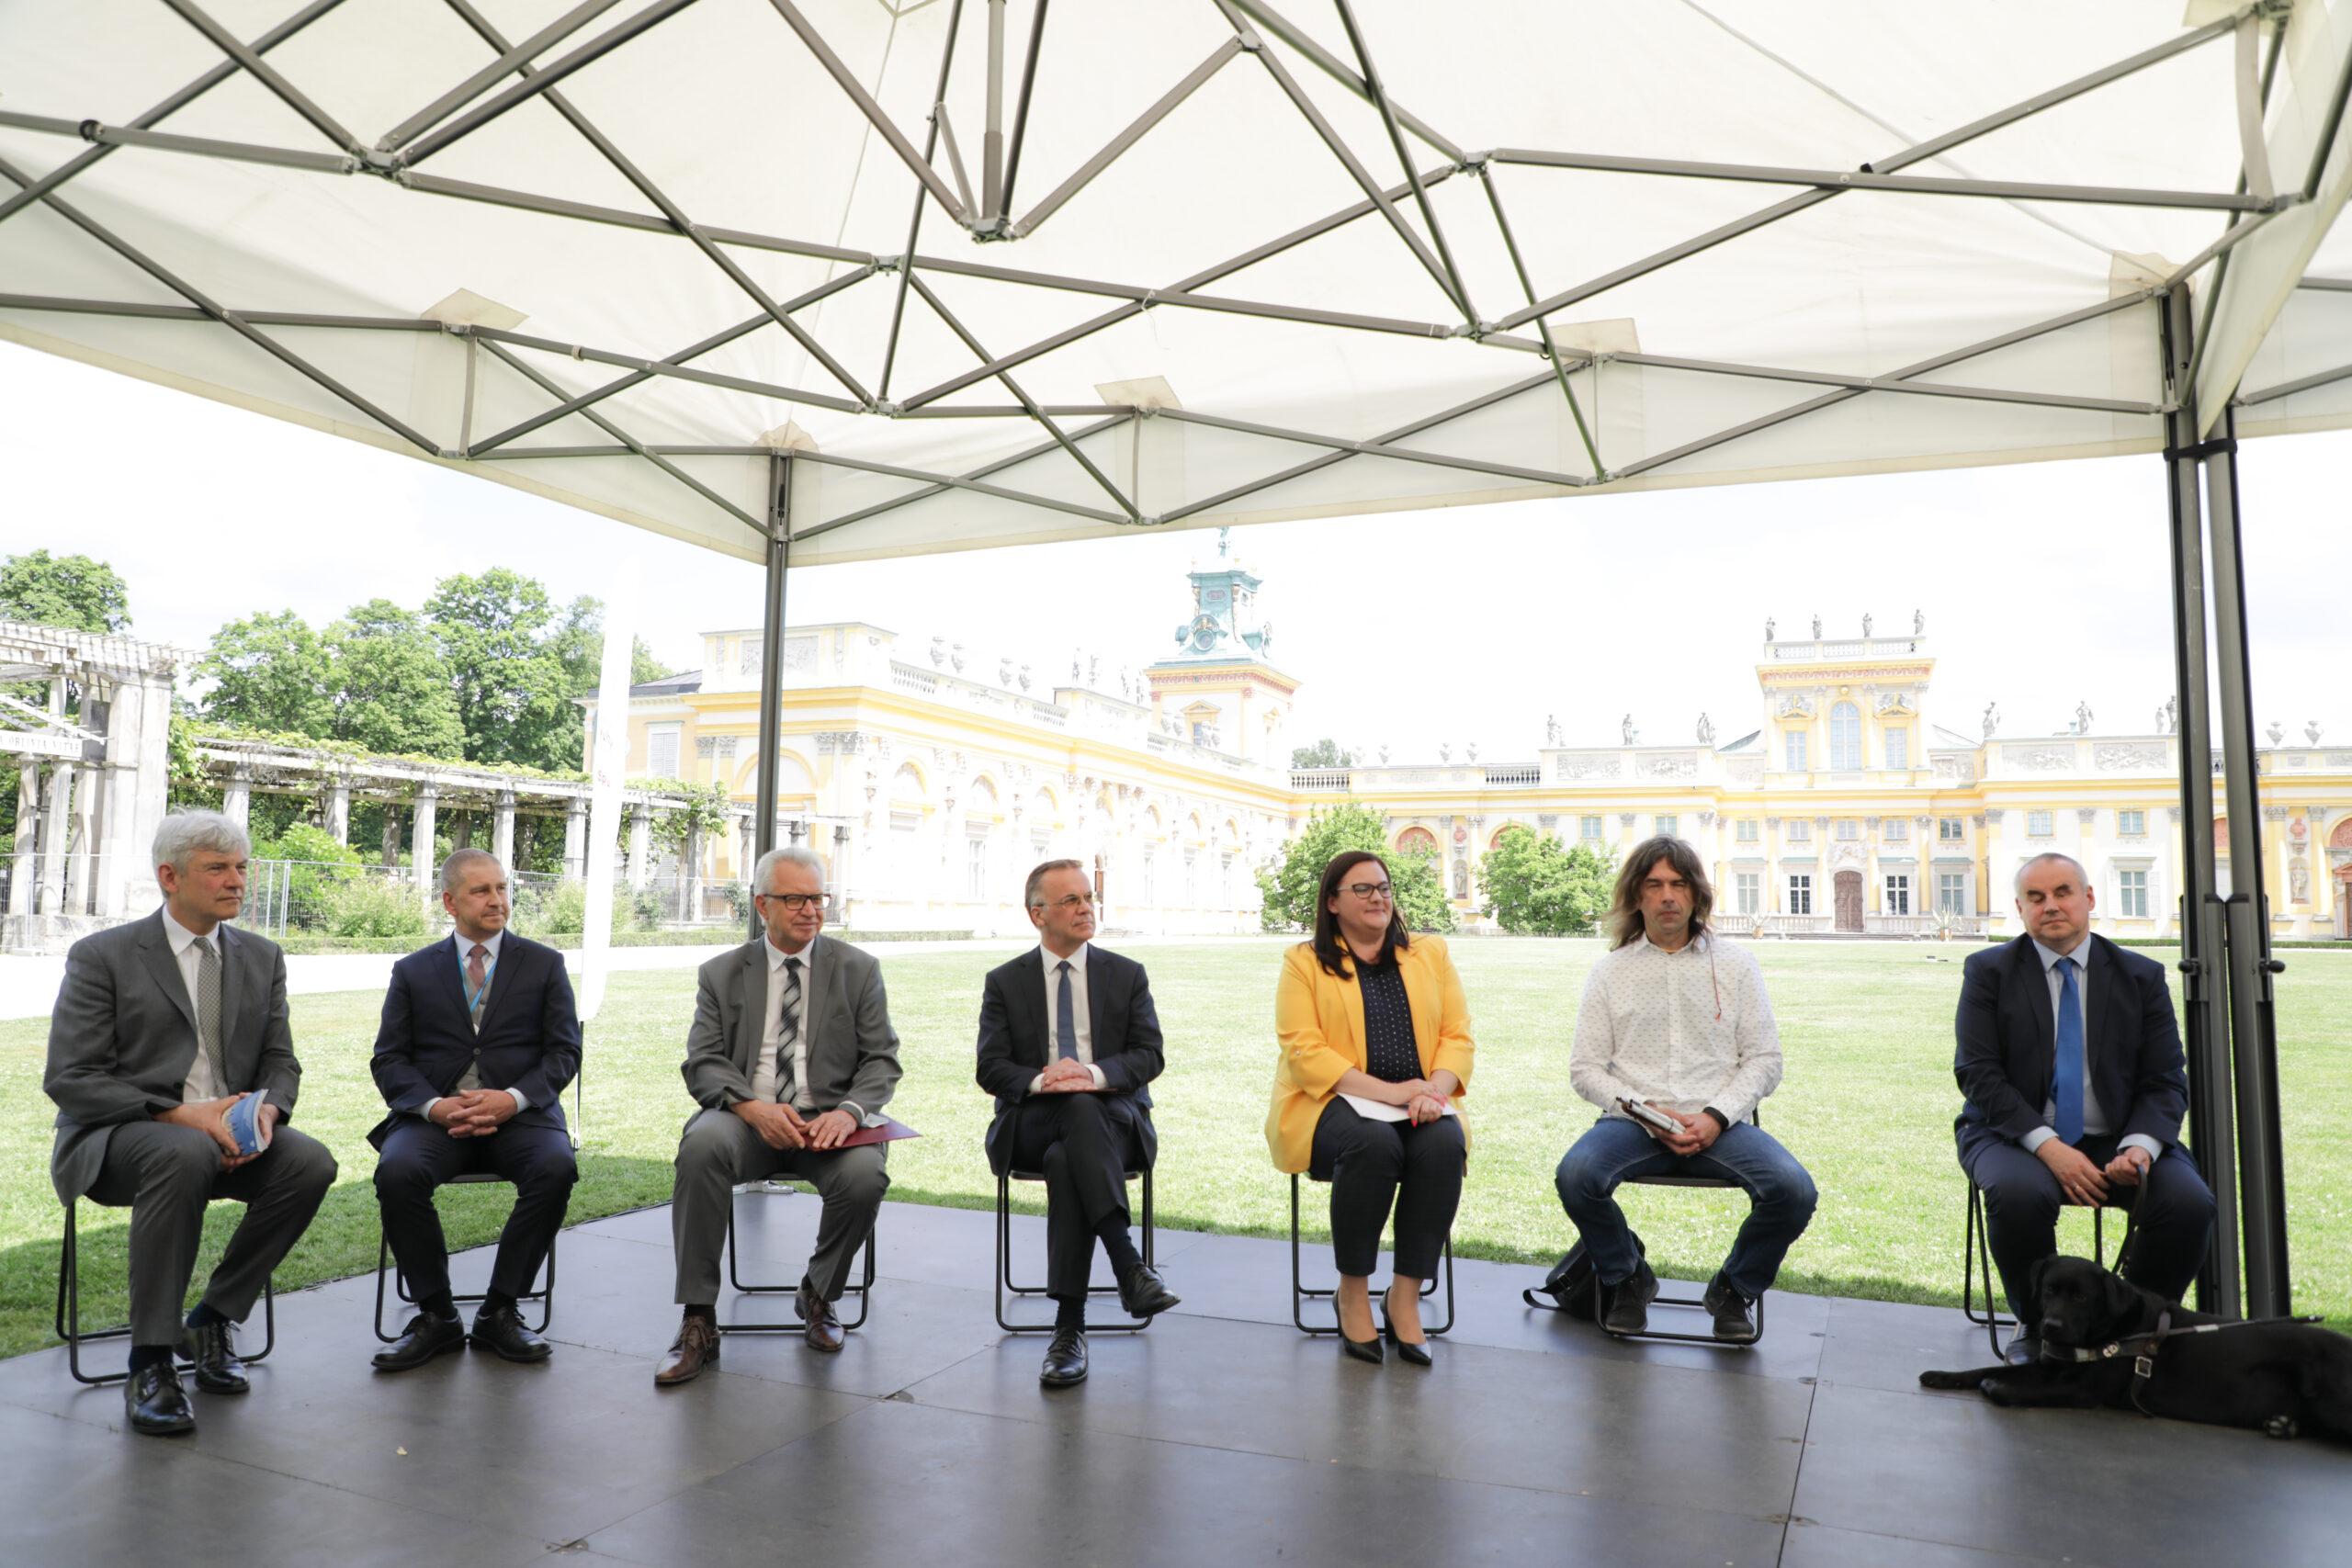 Zdjęcie z konferencji. Osoby reprezntujące projekt siedzą na krzesłach w rzędzie. Wśród nich Robert WIęckowski z FKBB.